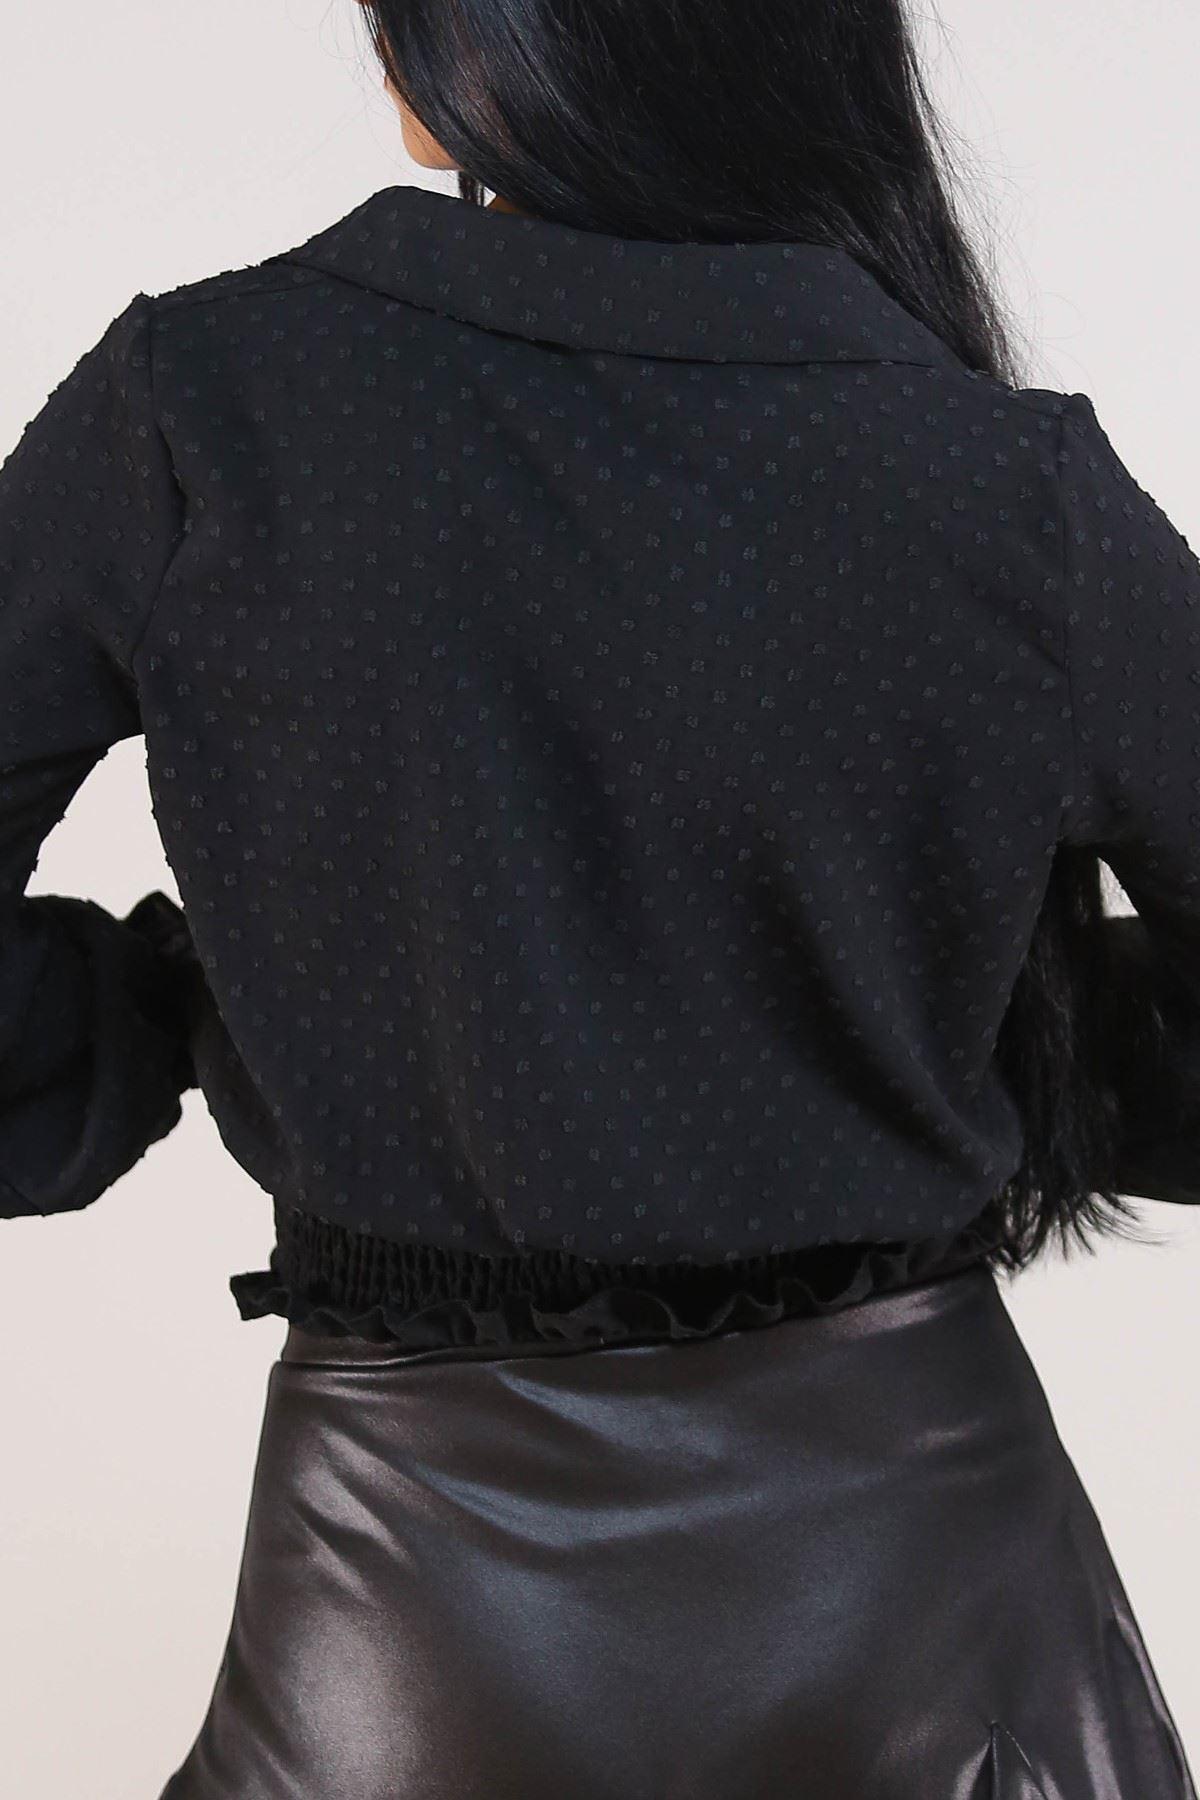 Gipeli Kadın Gömlek Siyah - 3305.222.